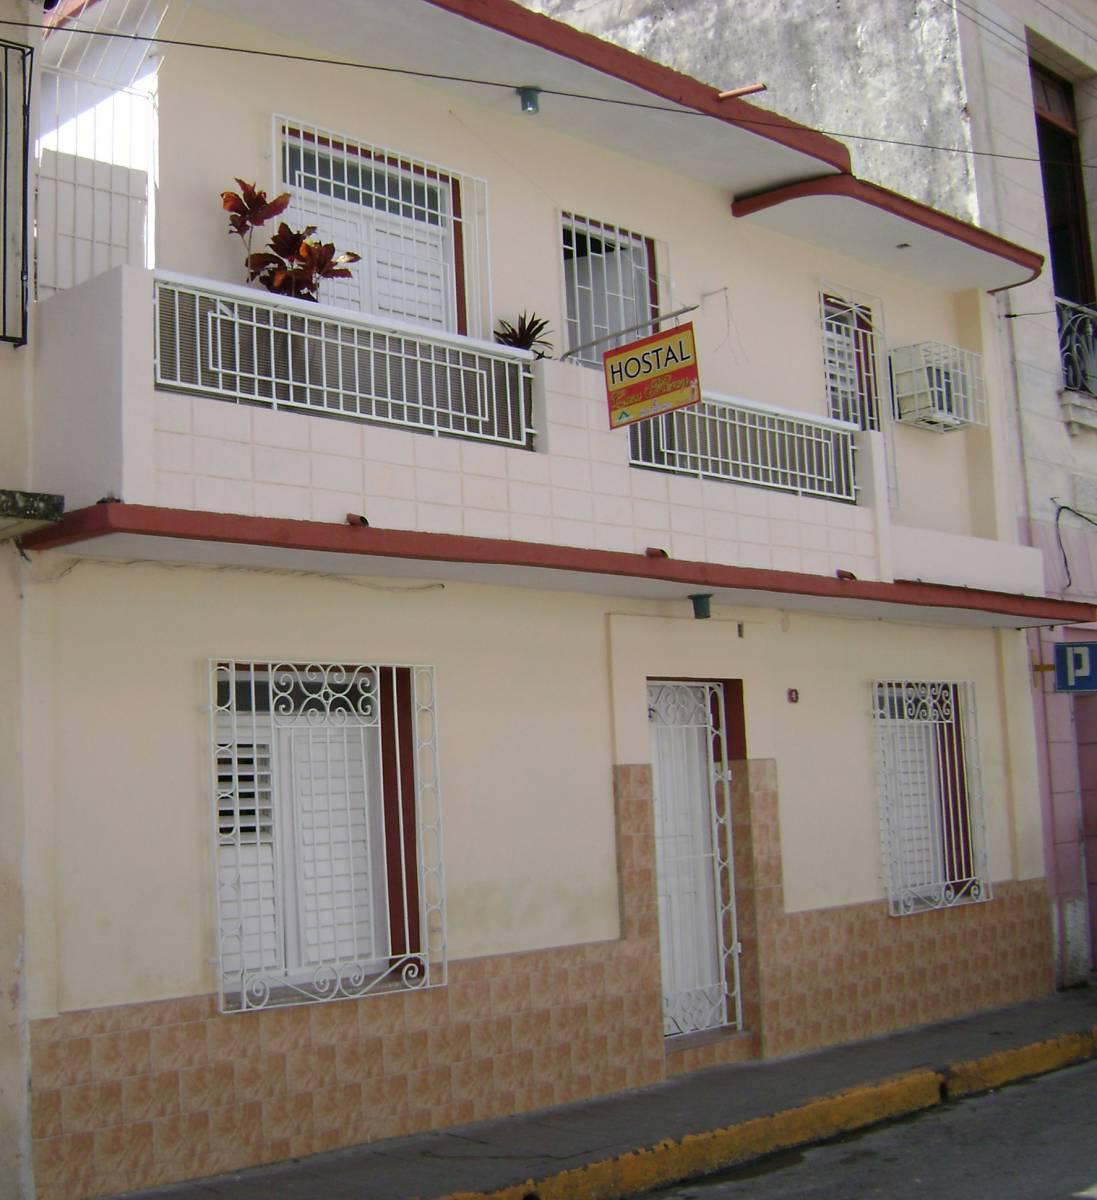 Casa Mercy Hostal, Santa Clara, Cuba, Cuba hostels and hotels